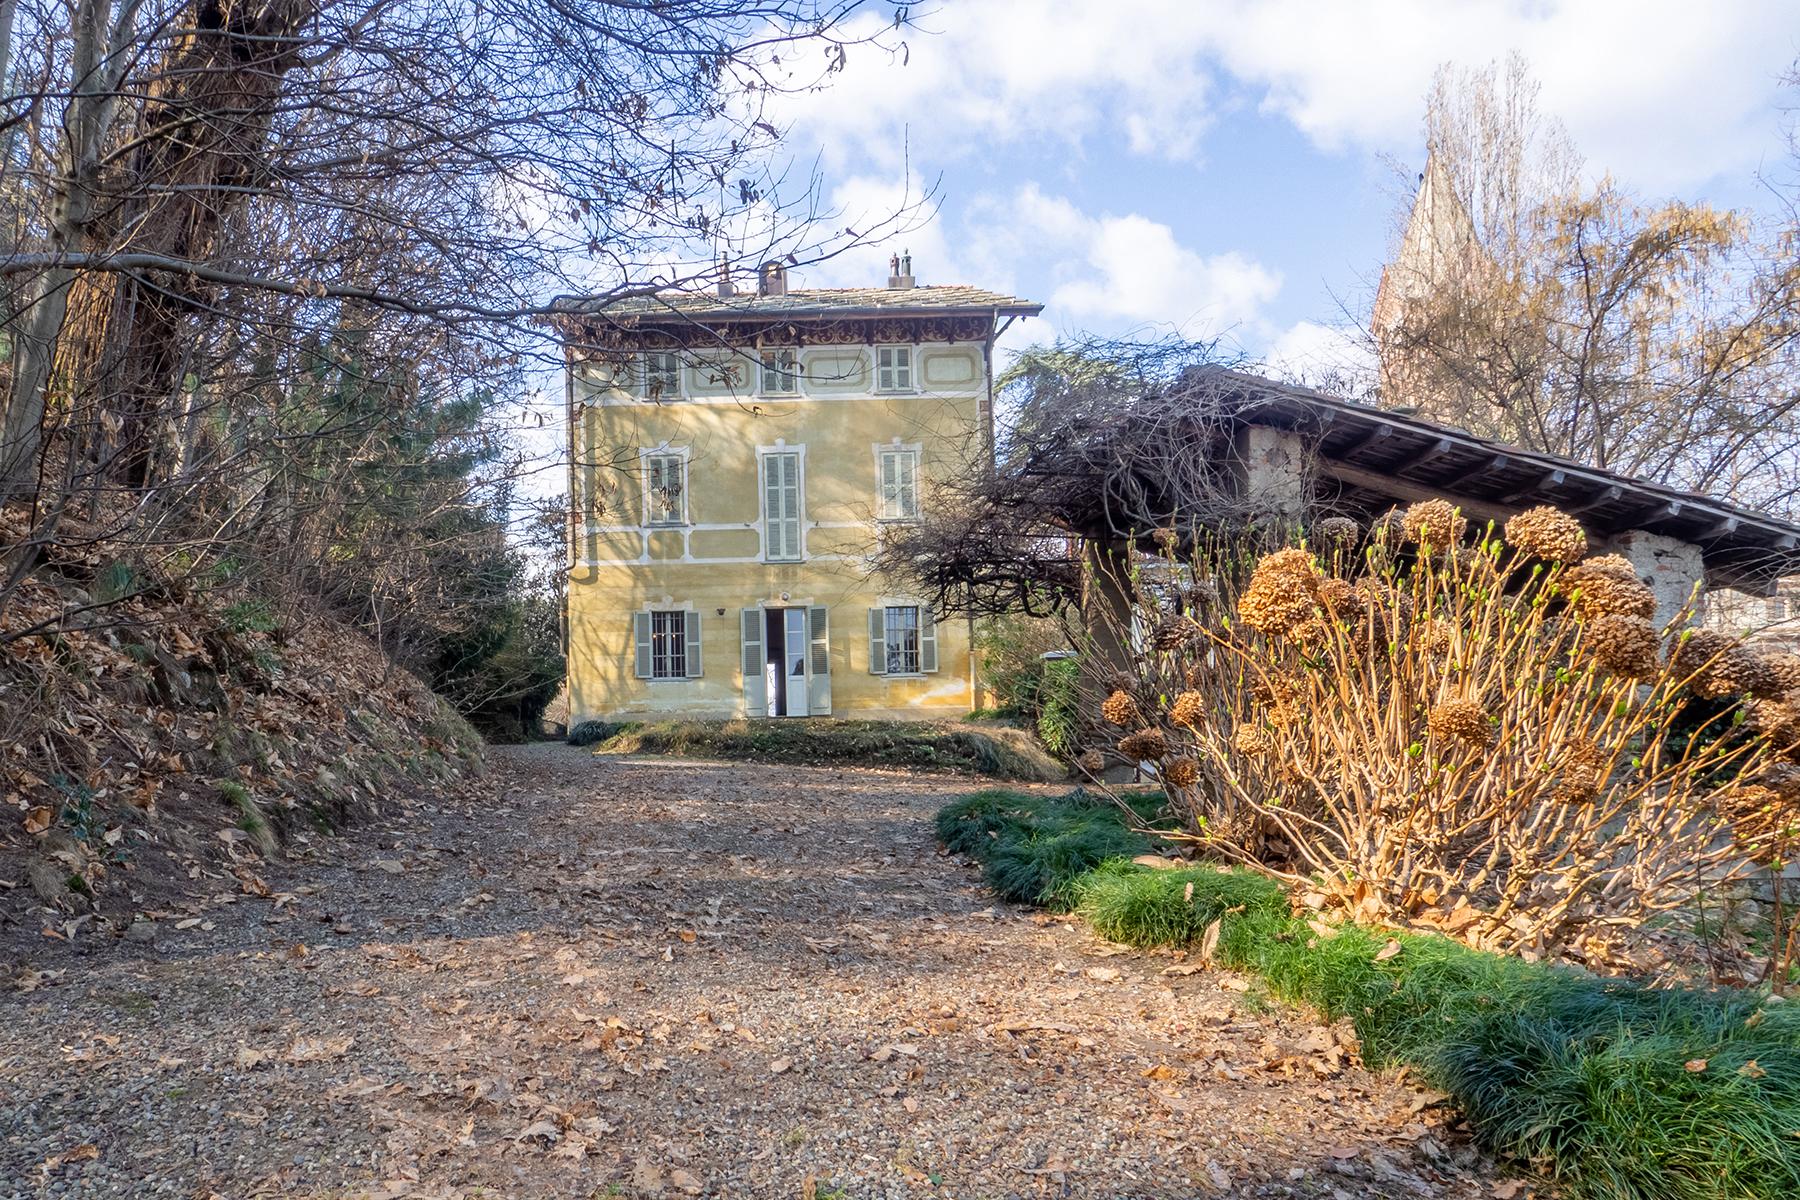 Villa in Vendita a Cavour: 5 locali, 600 mq - Foto 7